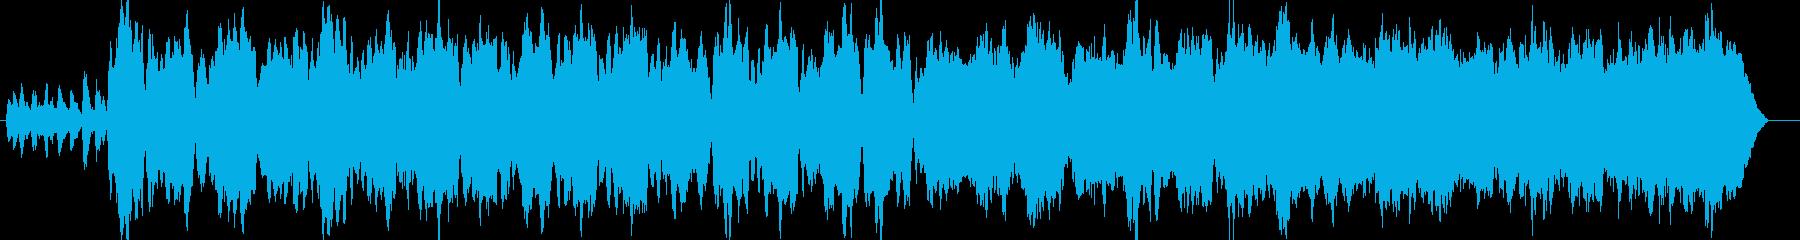 ファンタジー系ゲームなどのフィールBG…の再生済みの波形